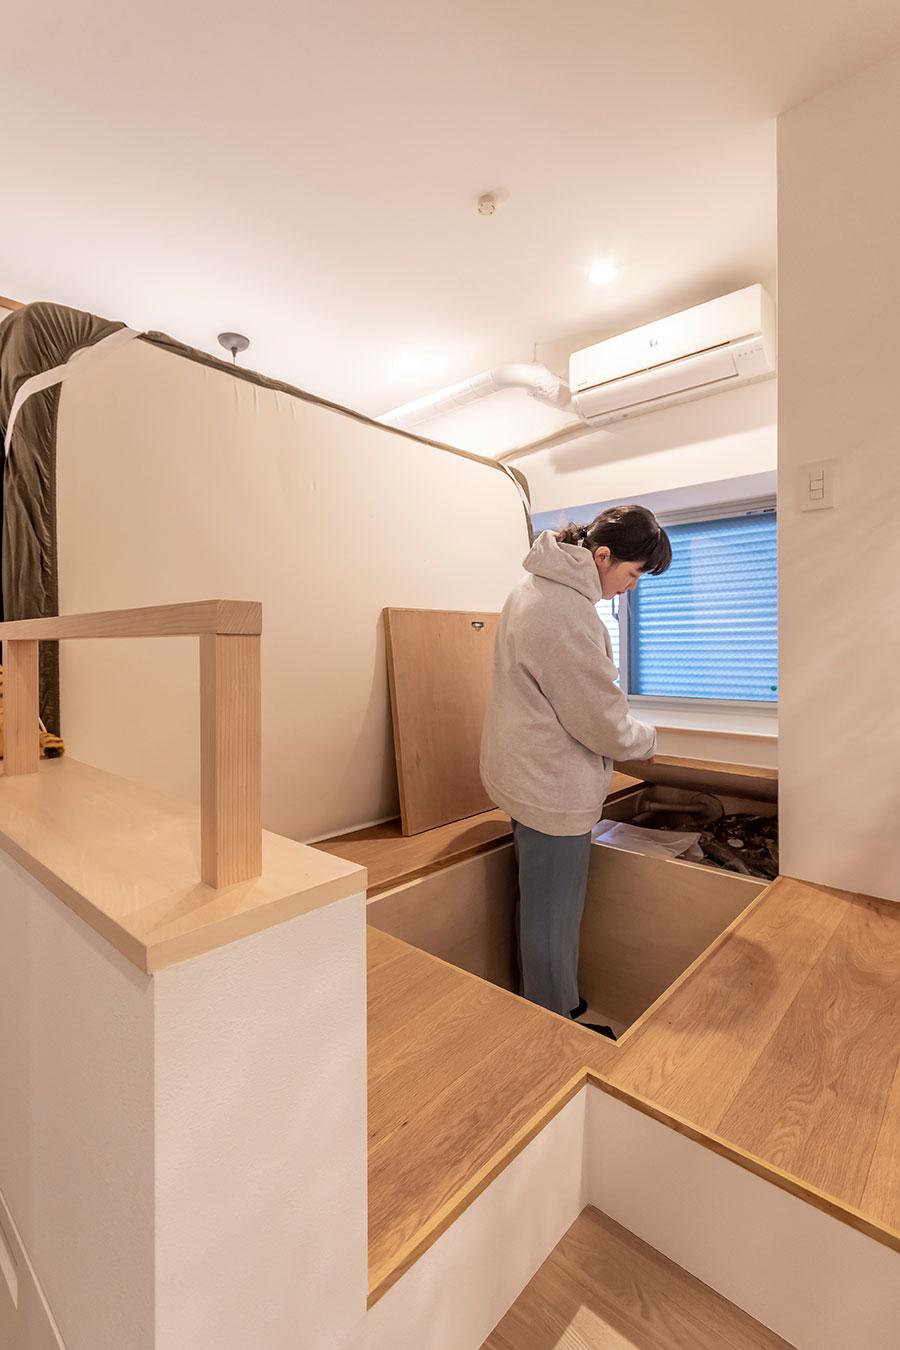 寝室には深さ70cmの床下収納を設けた。